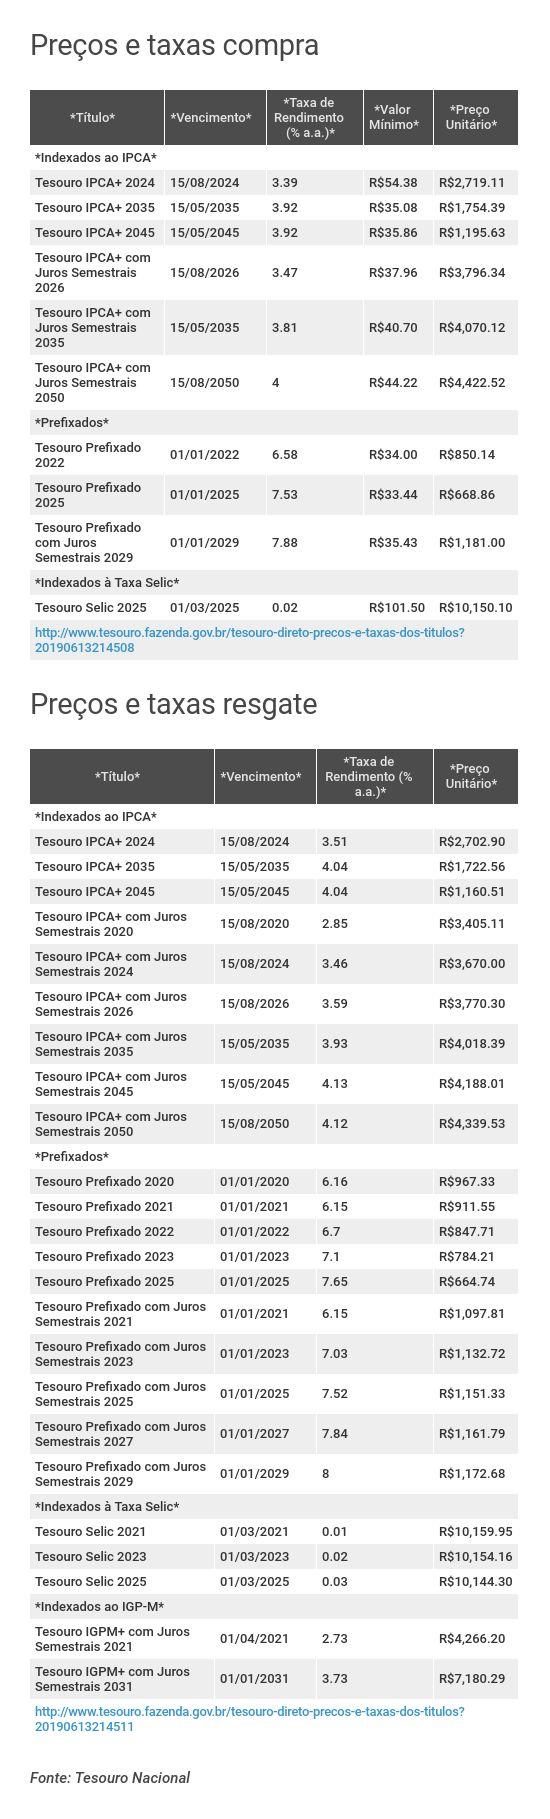 Preços e taxas do Tesouro Direto em 13 de junho de 2019 - fechamento